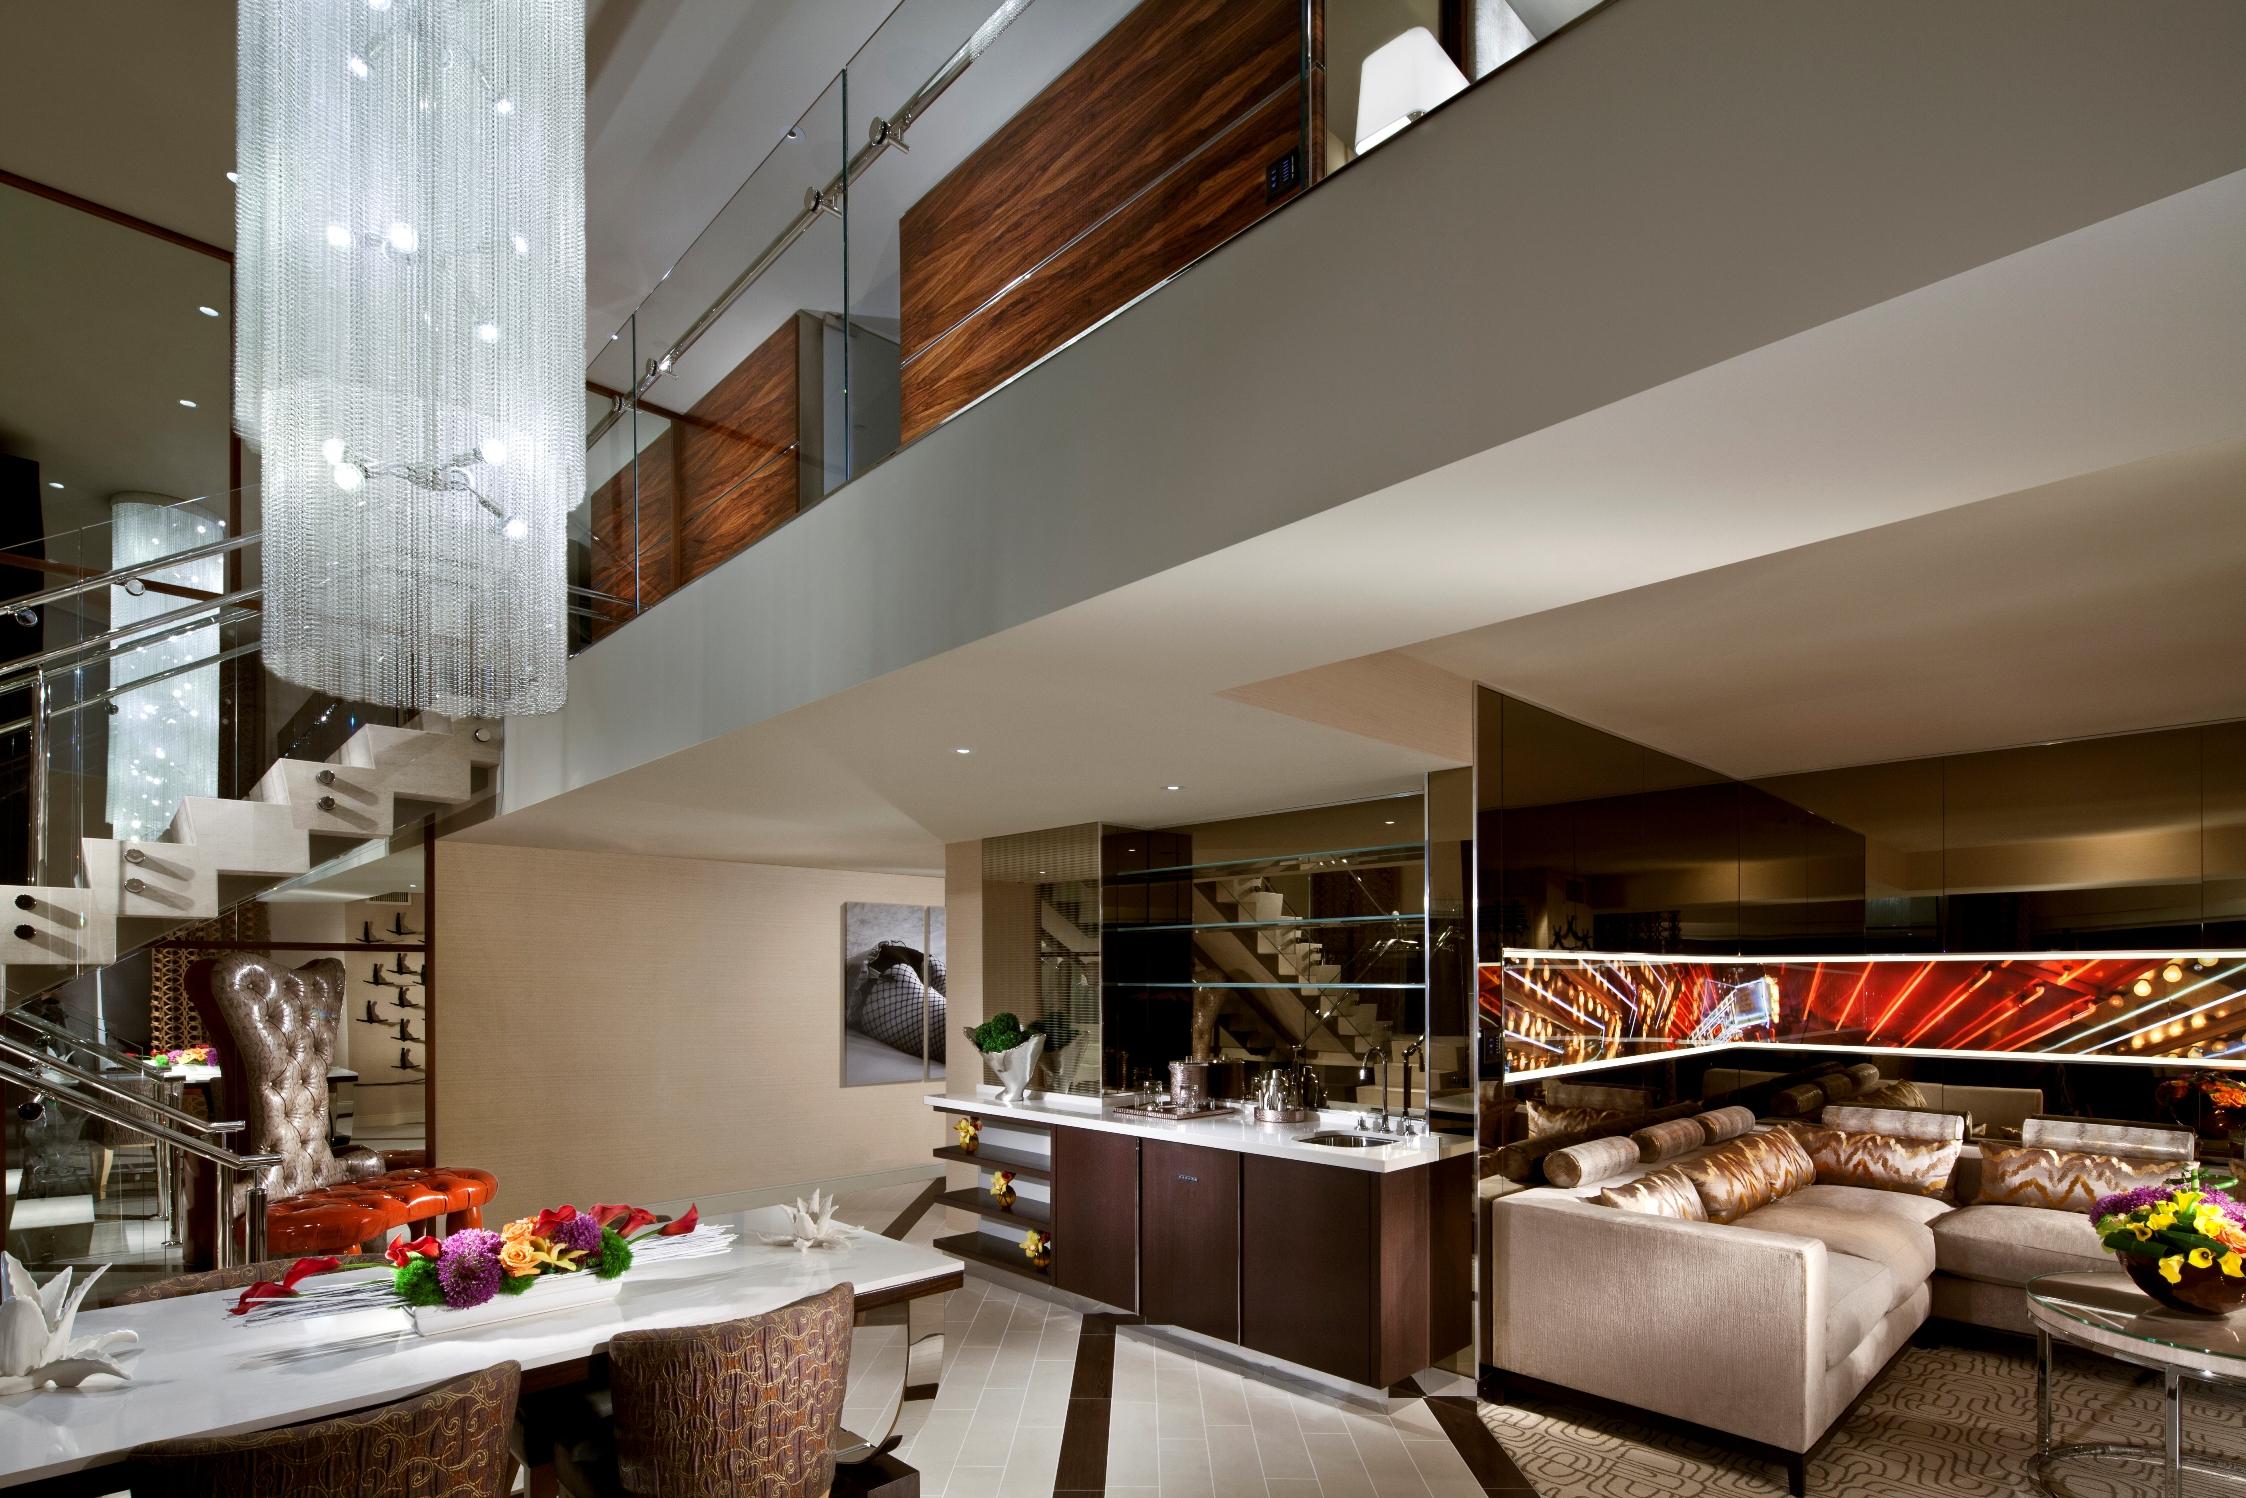 Las Vegas 2 Bedroom Suite Deals 2 Bedroom Suite Las Vegas Aria Bedroom Penthouse Suite Las Vegas